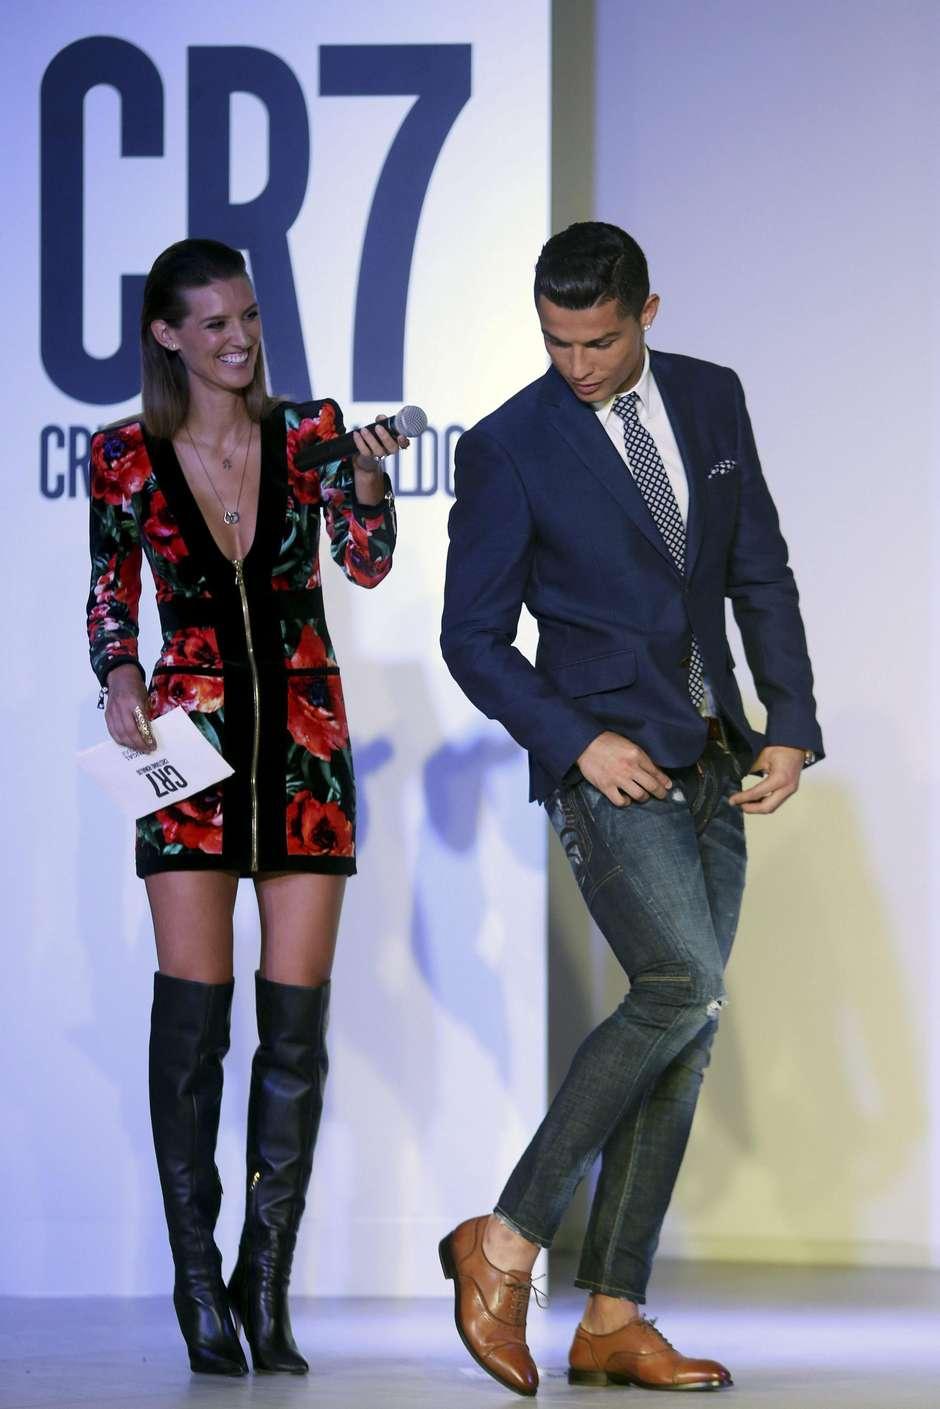 Helena Pereira Fashion Style